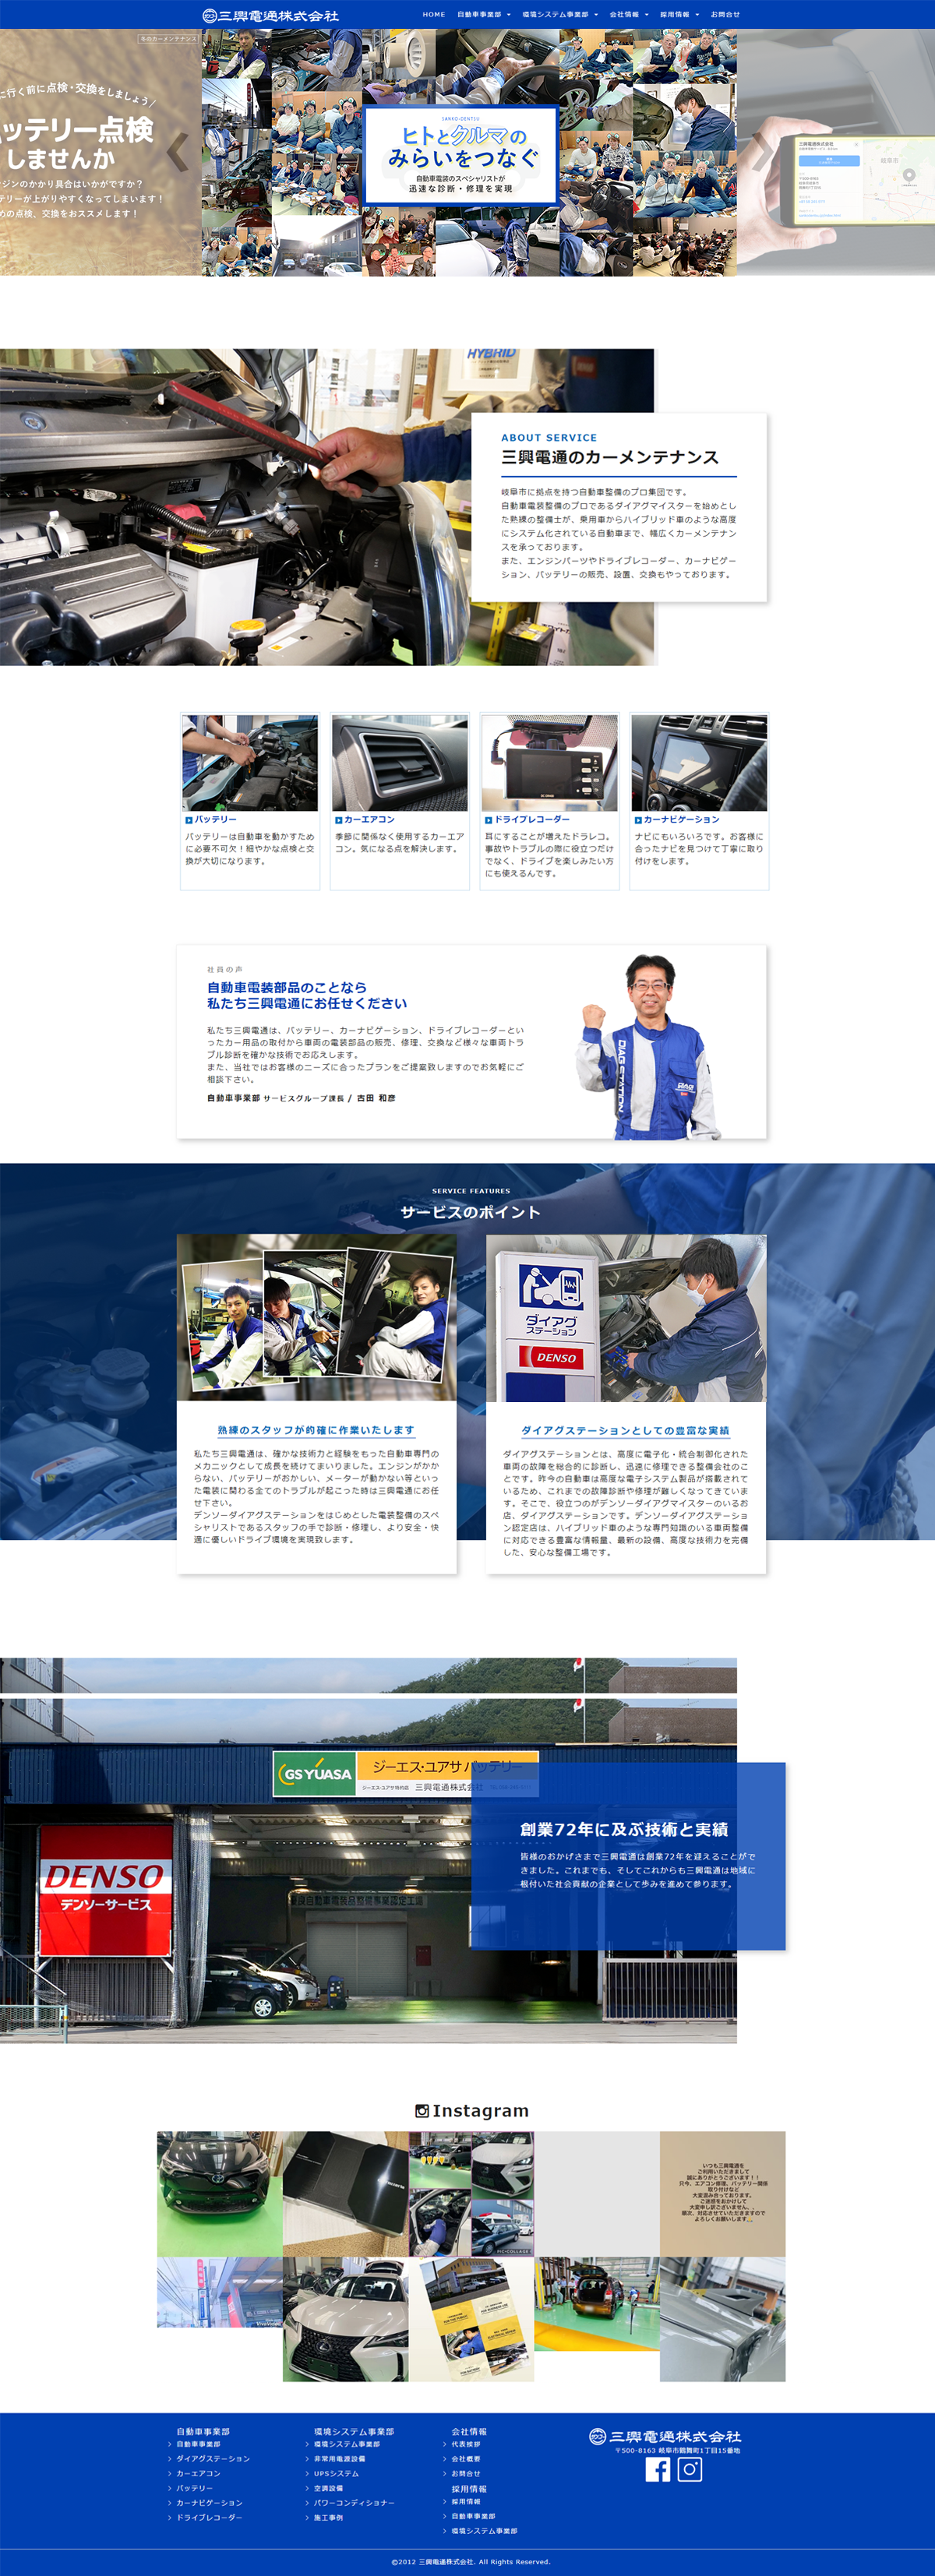 会社 扶桑 電通 株式